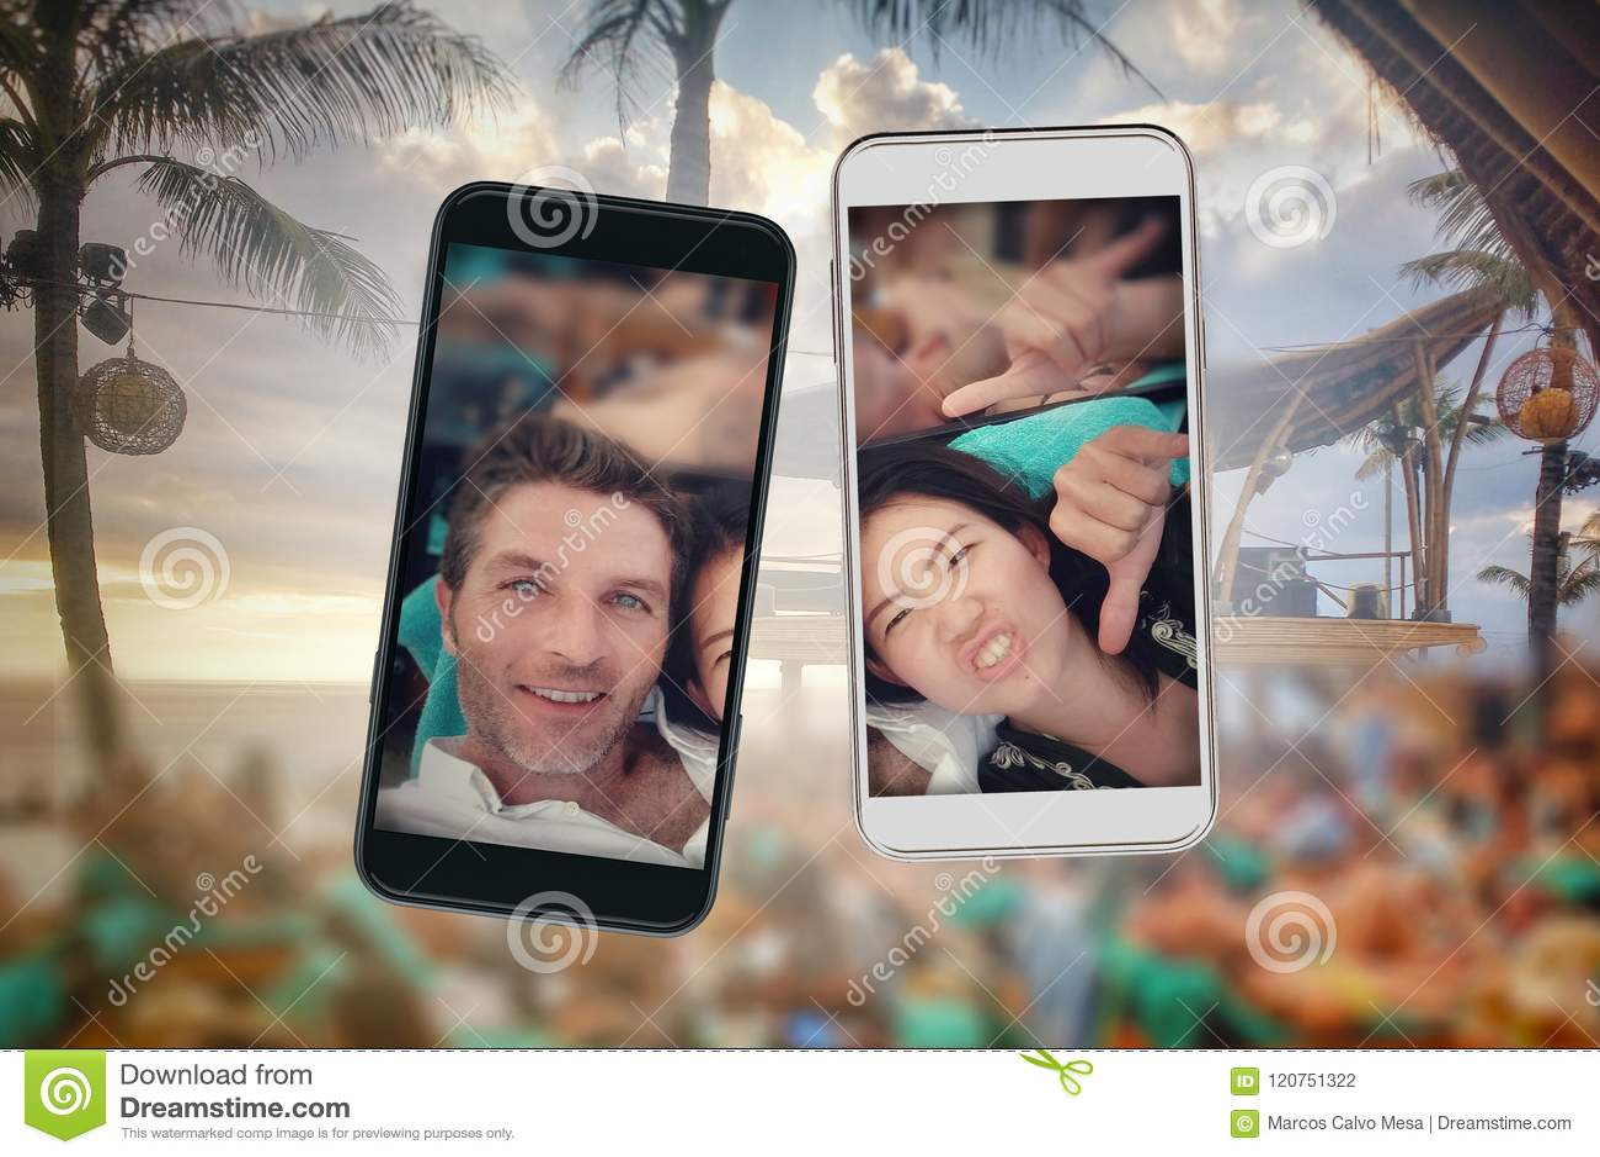 Composé de jeunes couples de belle et heureuse appartenance ethnique mélangée et de téléphones portables asiatiques et caucasiens